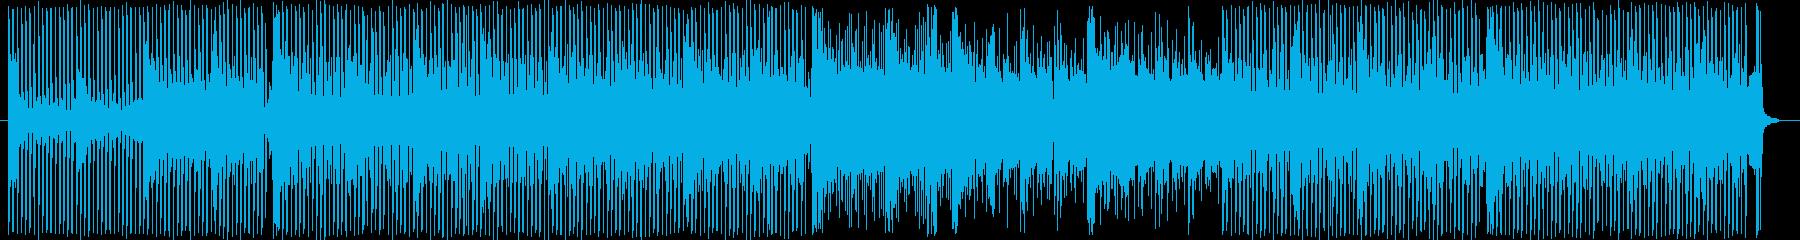 四つ打ちのアンビエント寄りの曲です。の再生済みの波形